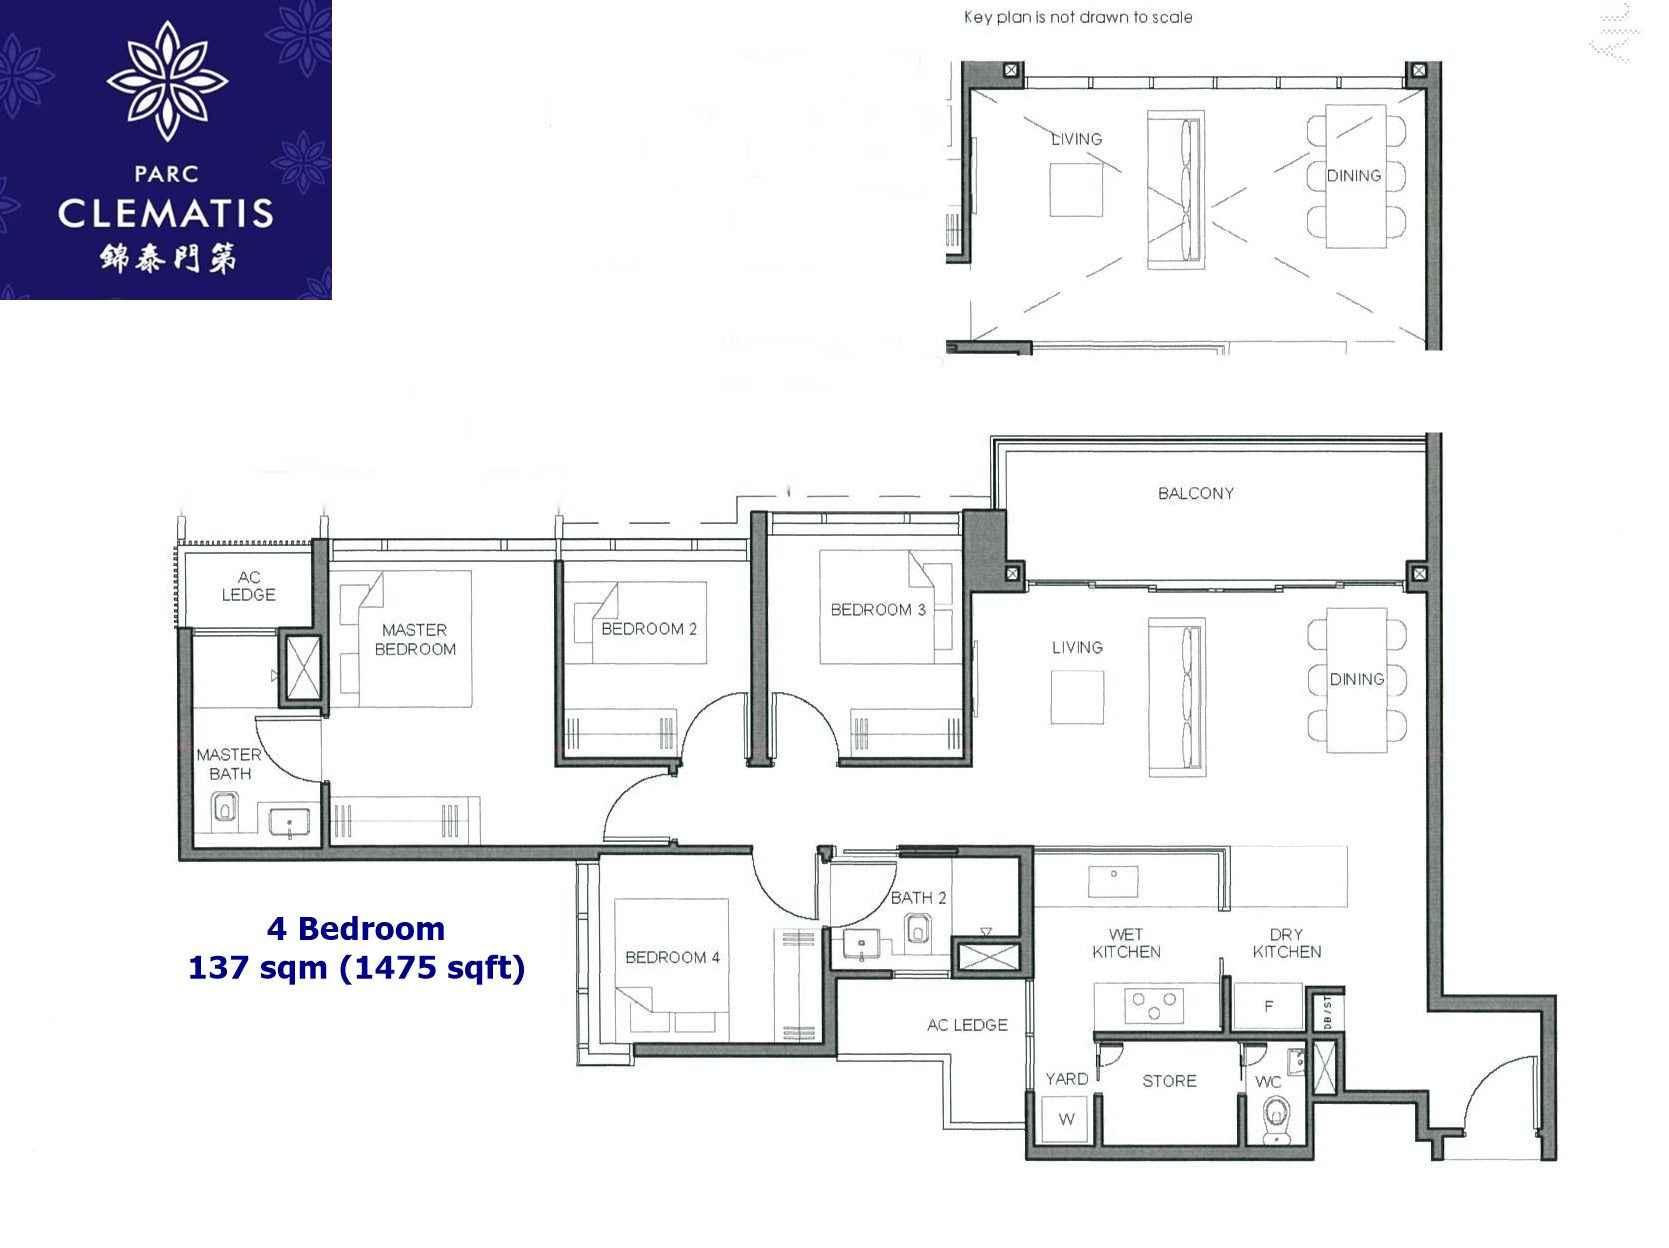 Parc Clematis - 4 Bedroom floor plan